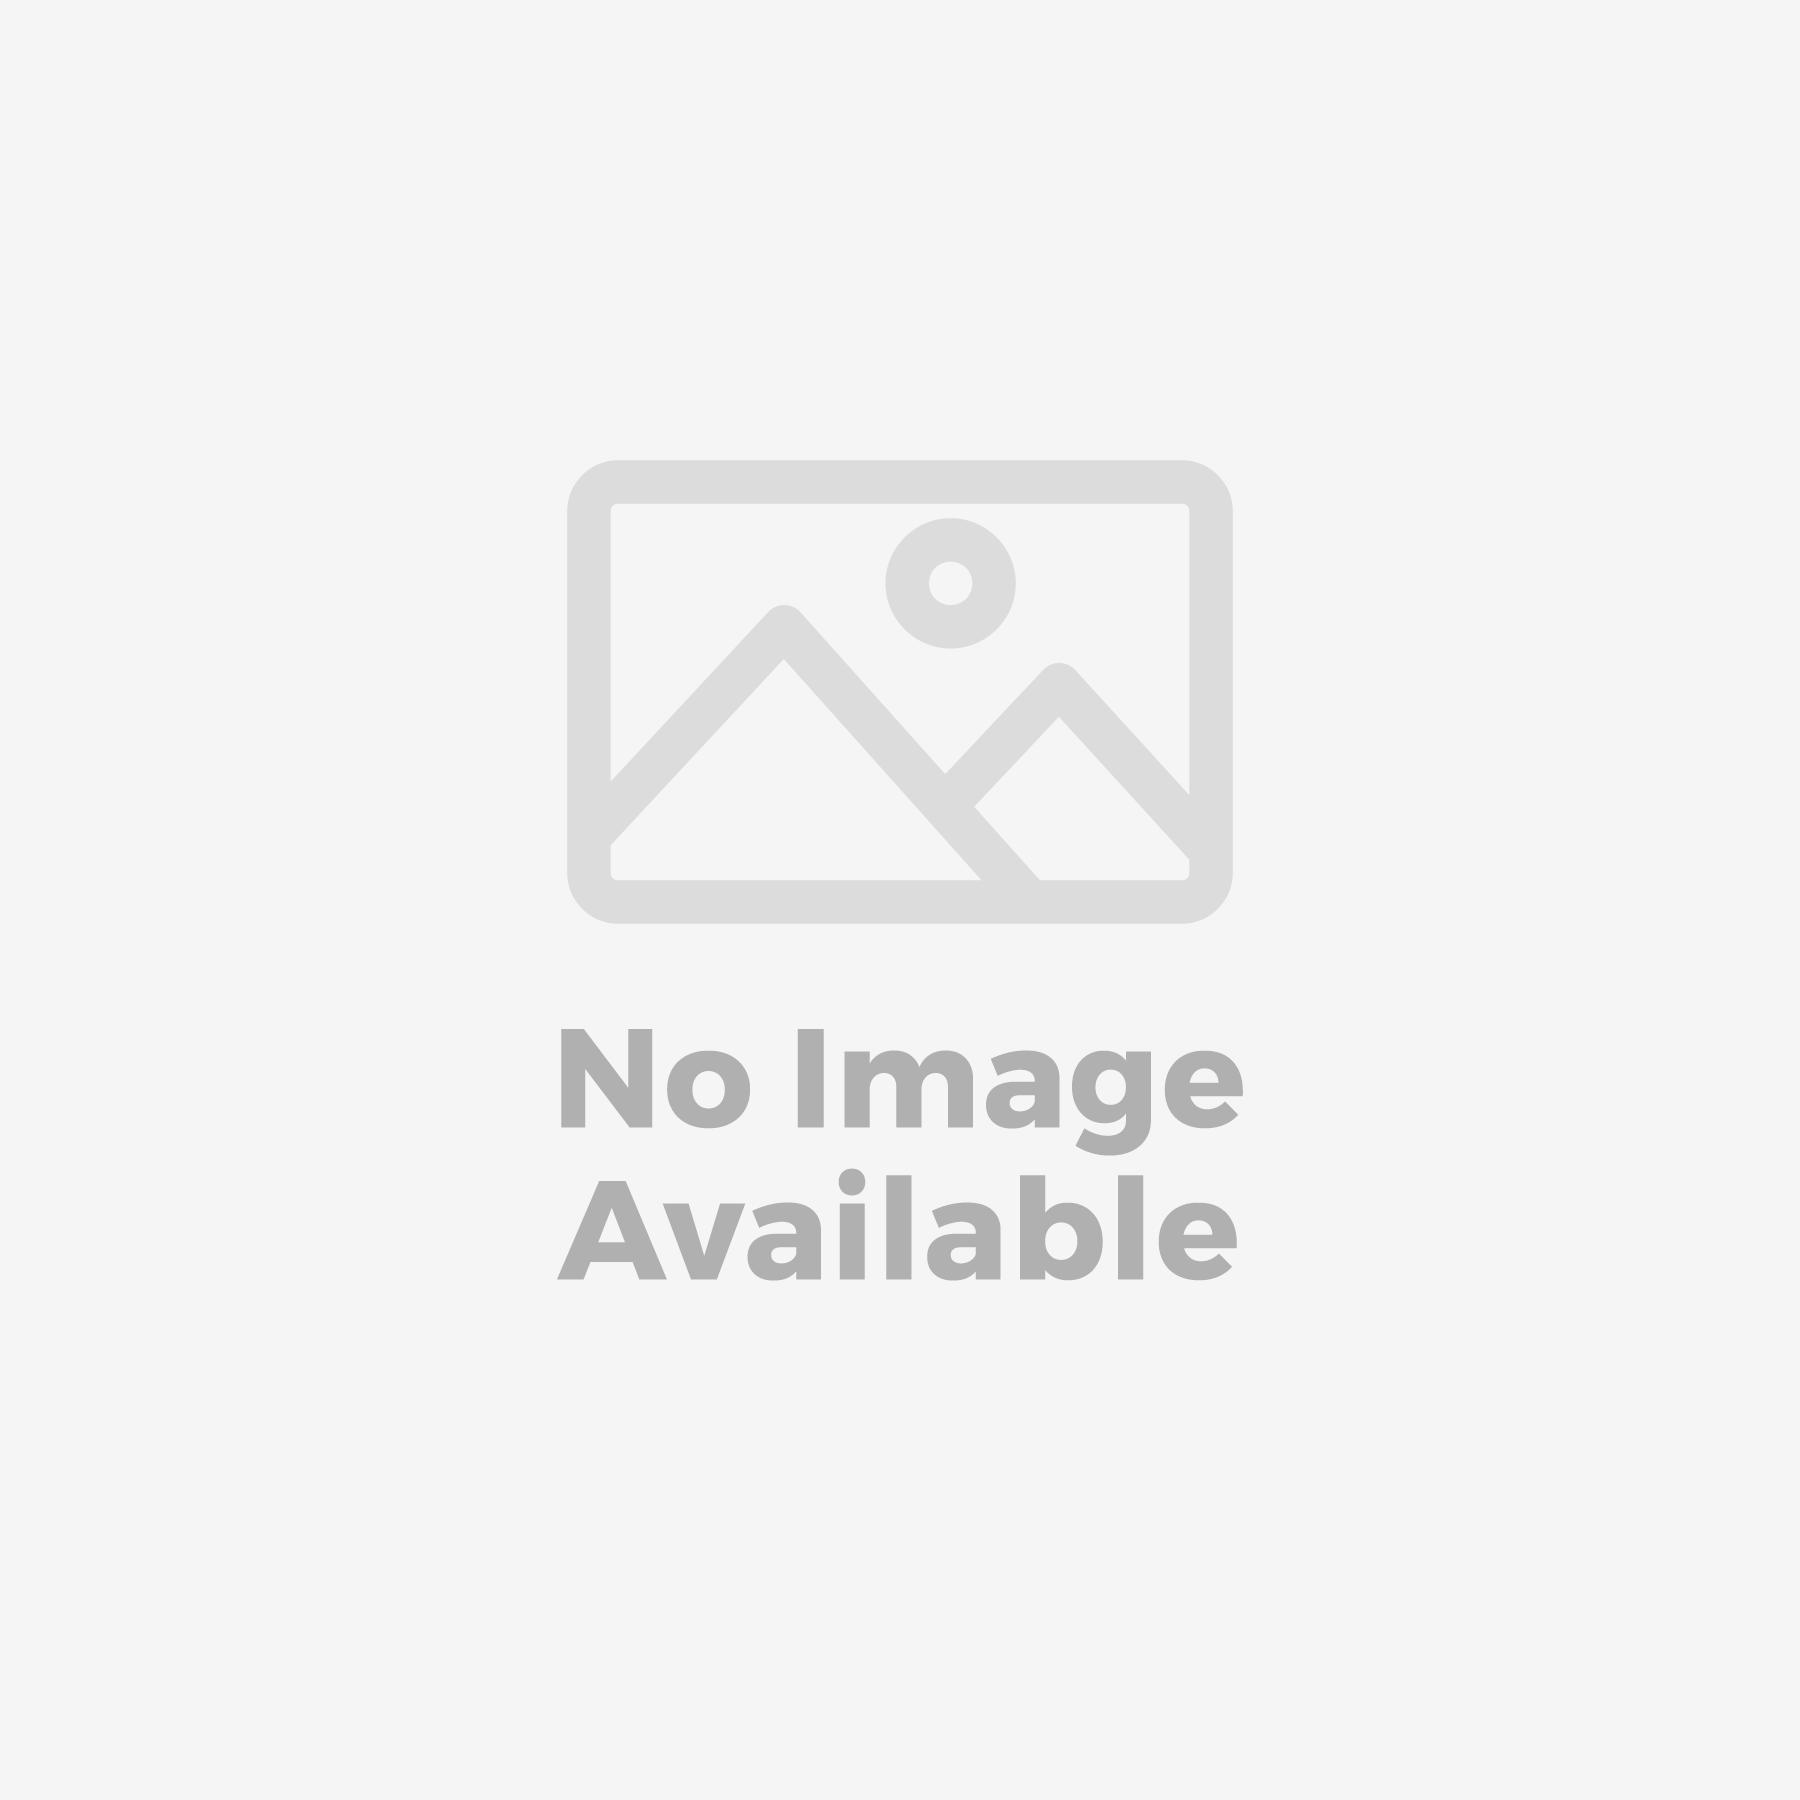 CARPE DIEM ROUND BAR TABLE